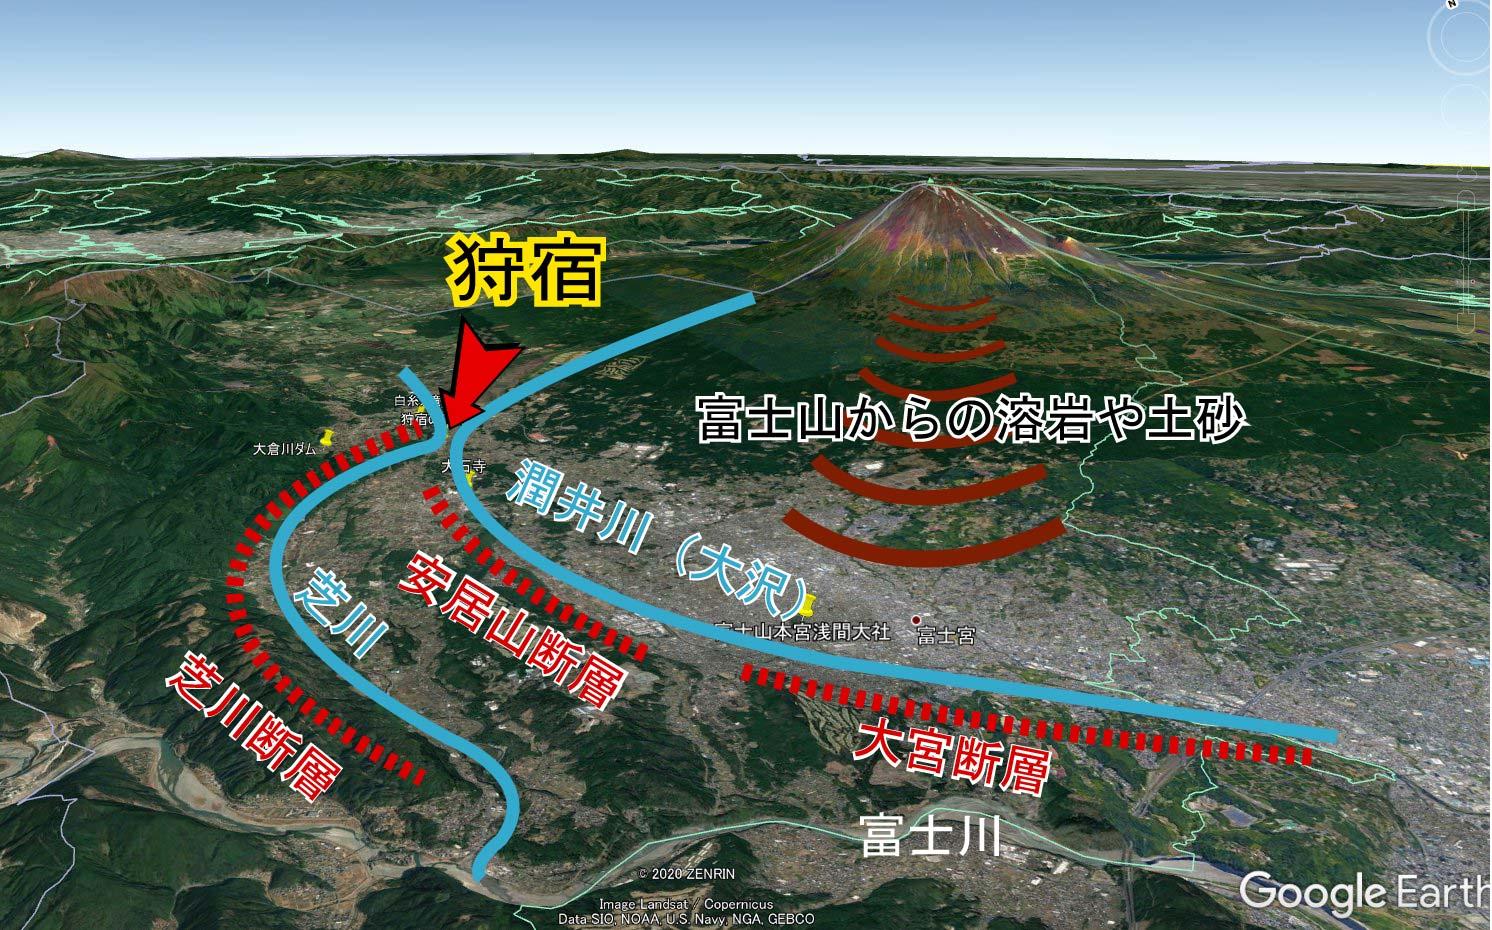 shibakawa1-1.jpg